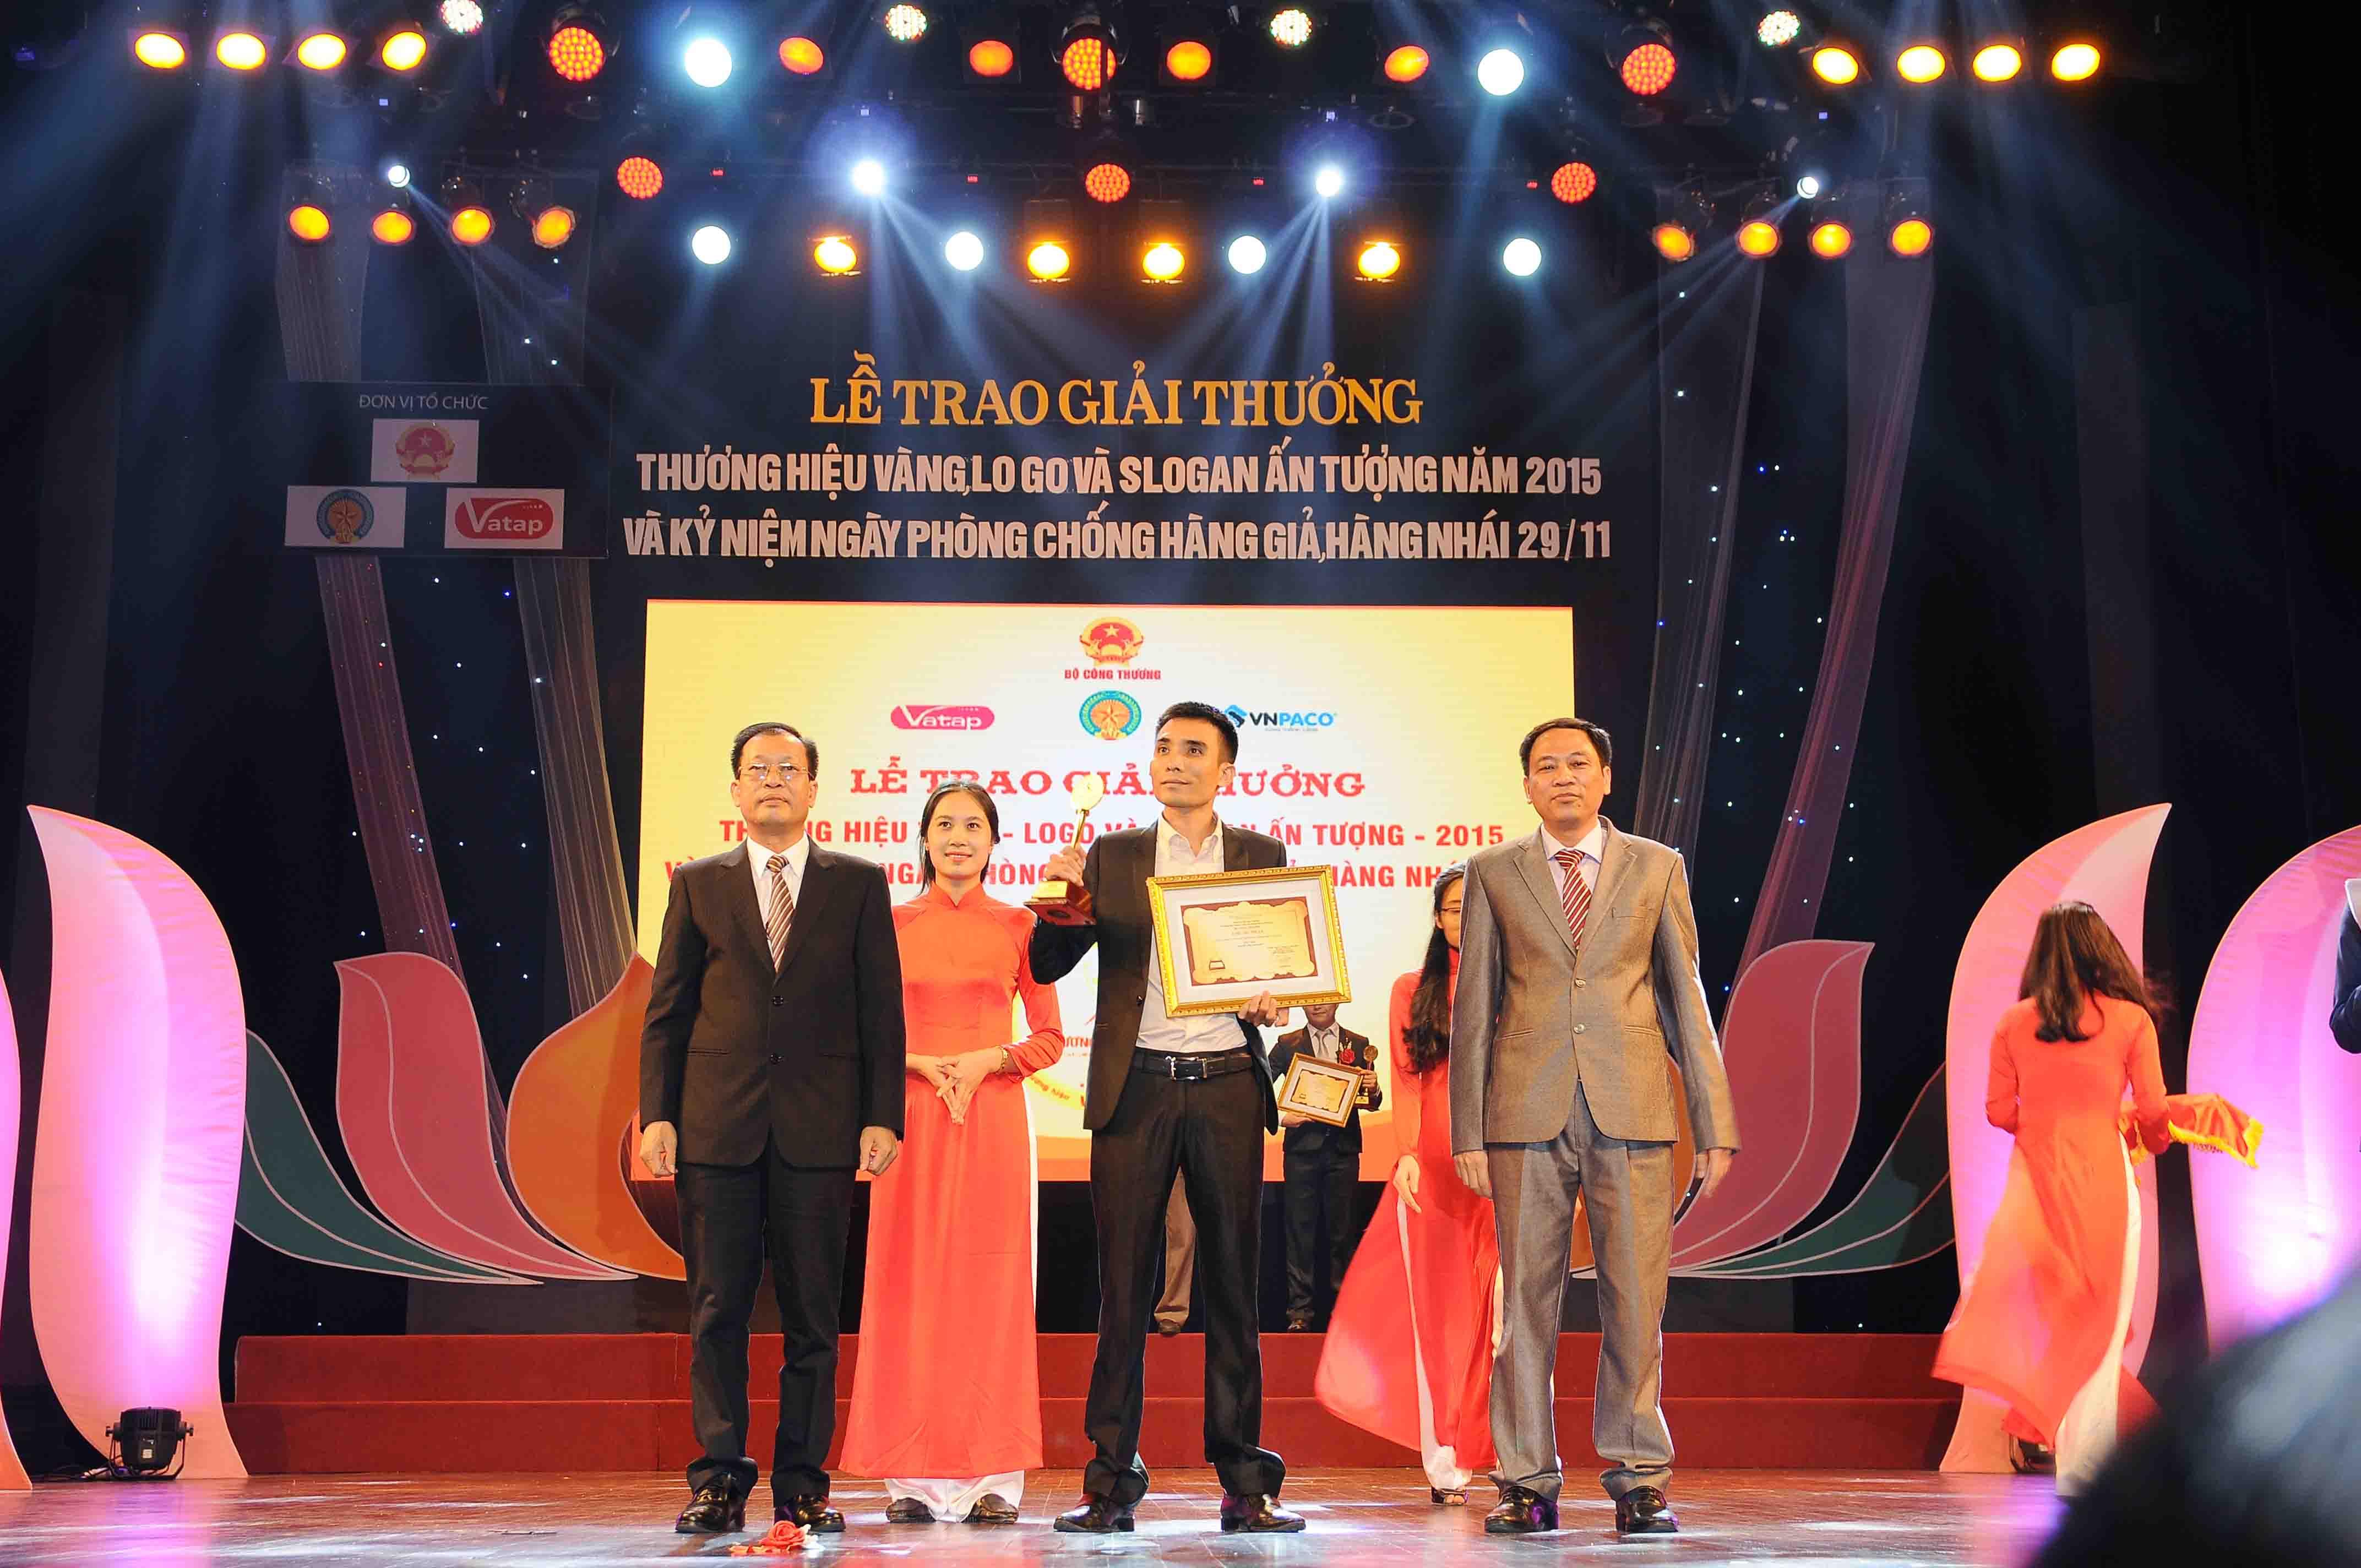 Ông Trần Văn Quảng - Đại diện công ty lên nhận giải thưởng